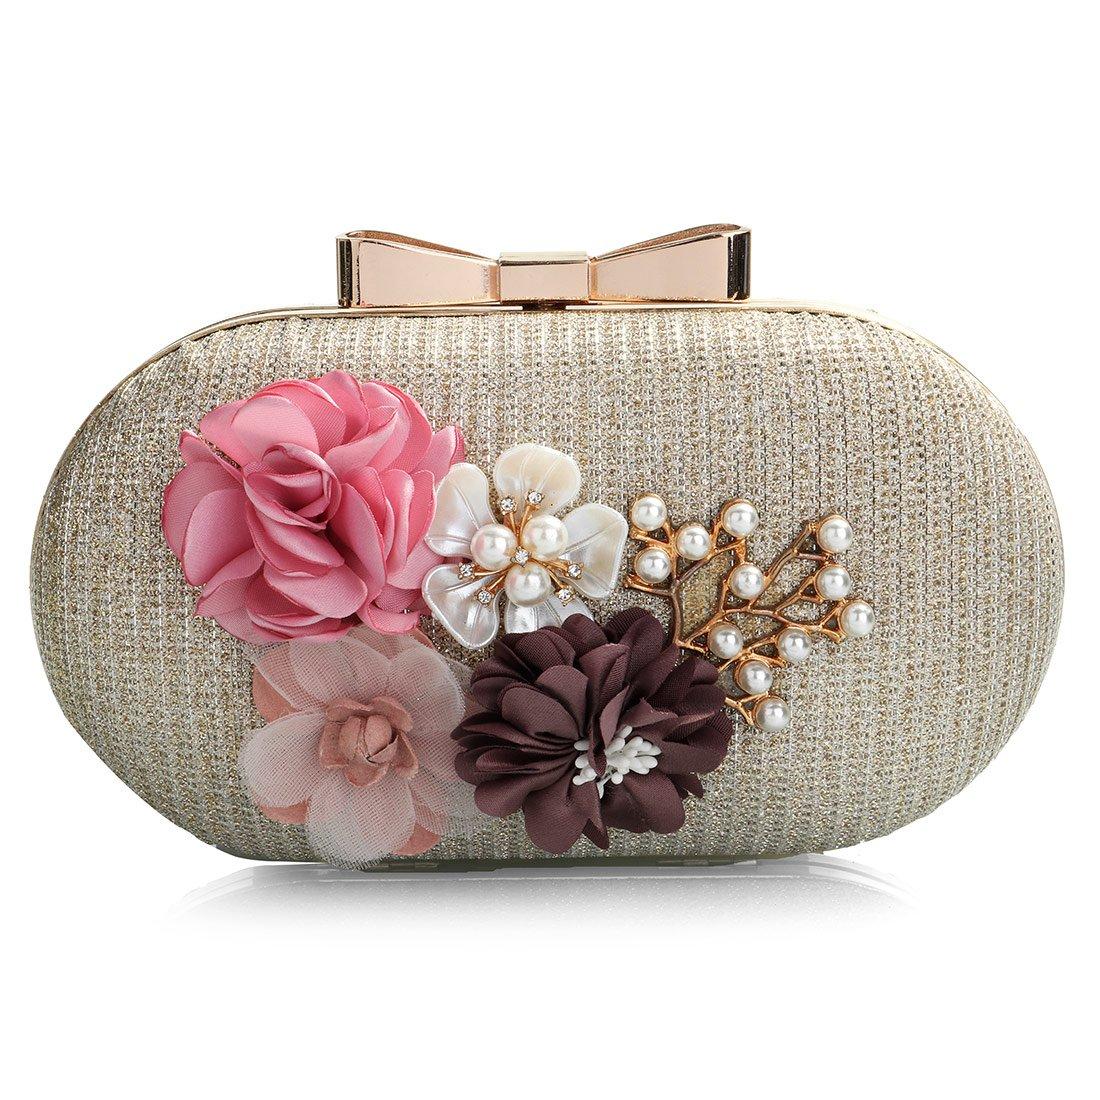 Flower Clutch Purses, Women Stylish Leather Pearl Rhinestone Evening Bag Floral Prom Bride Wedding Handbag (Gold)